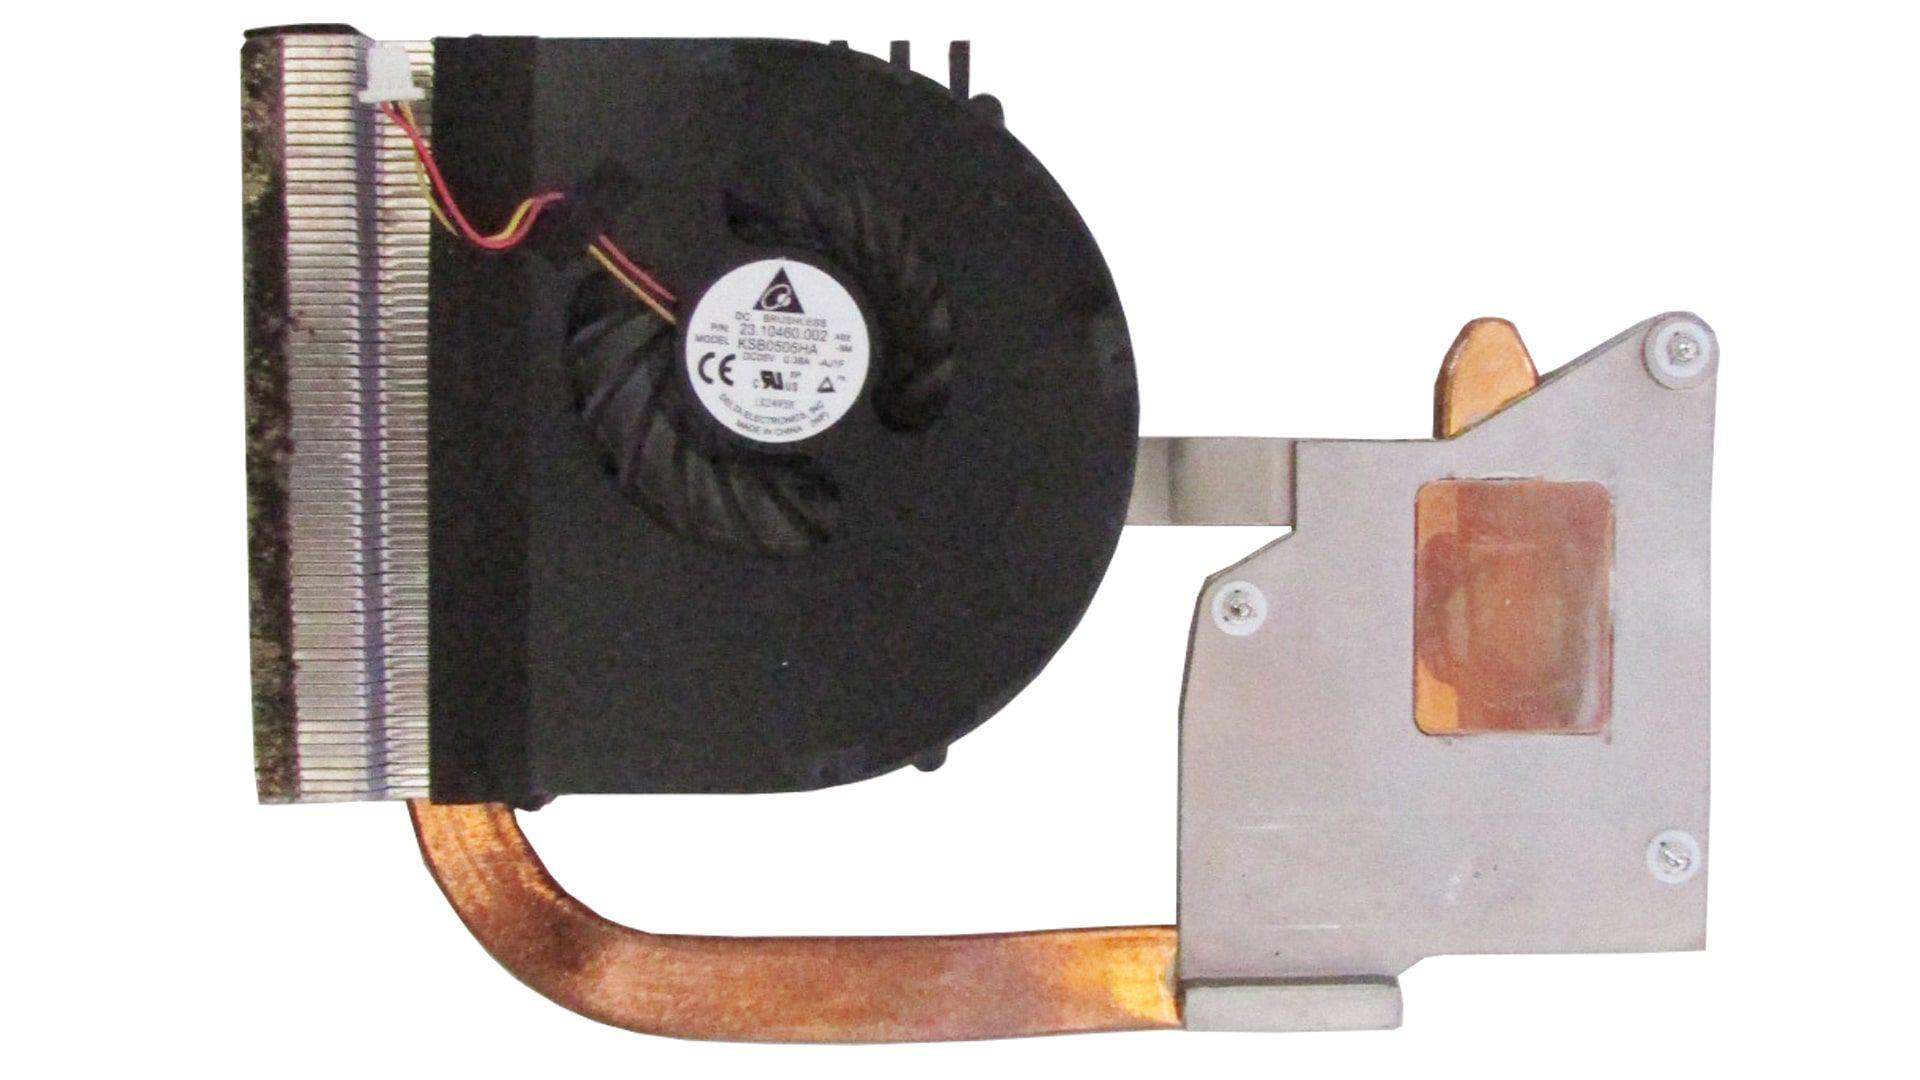 Cooler e Dissipador Notebook Dell Vostro 3550 60.4IF19.002 Retirado